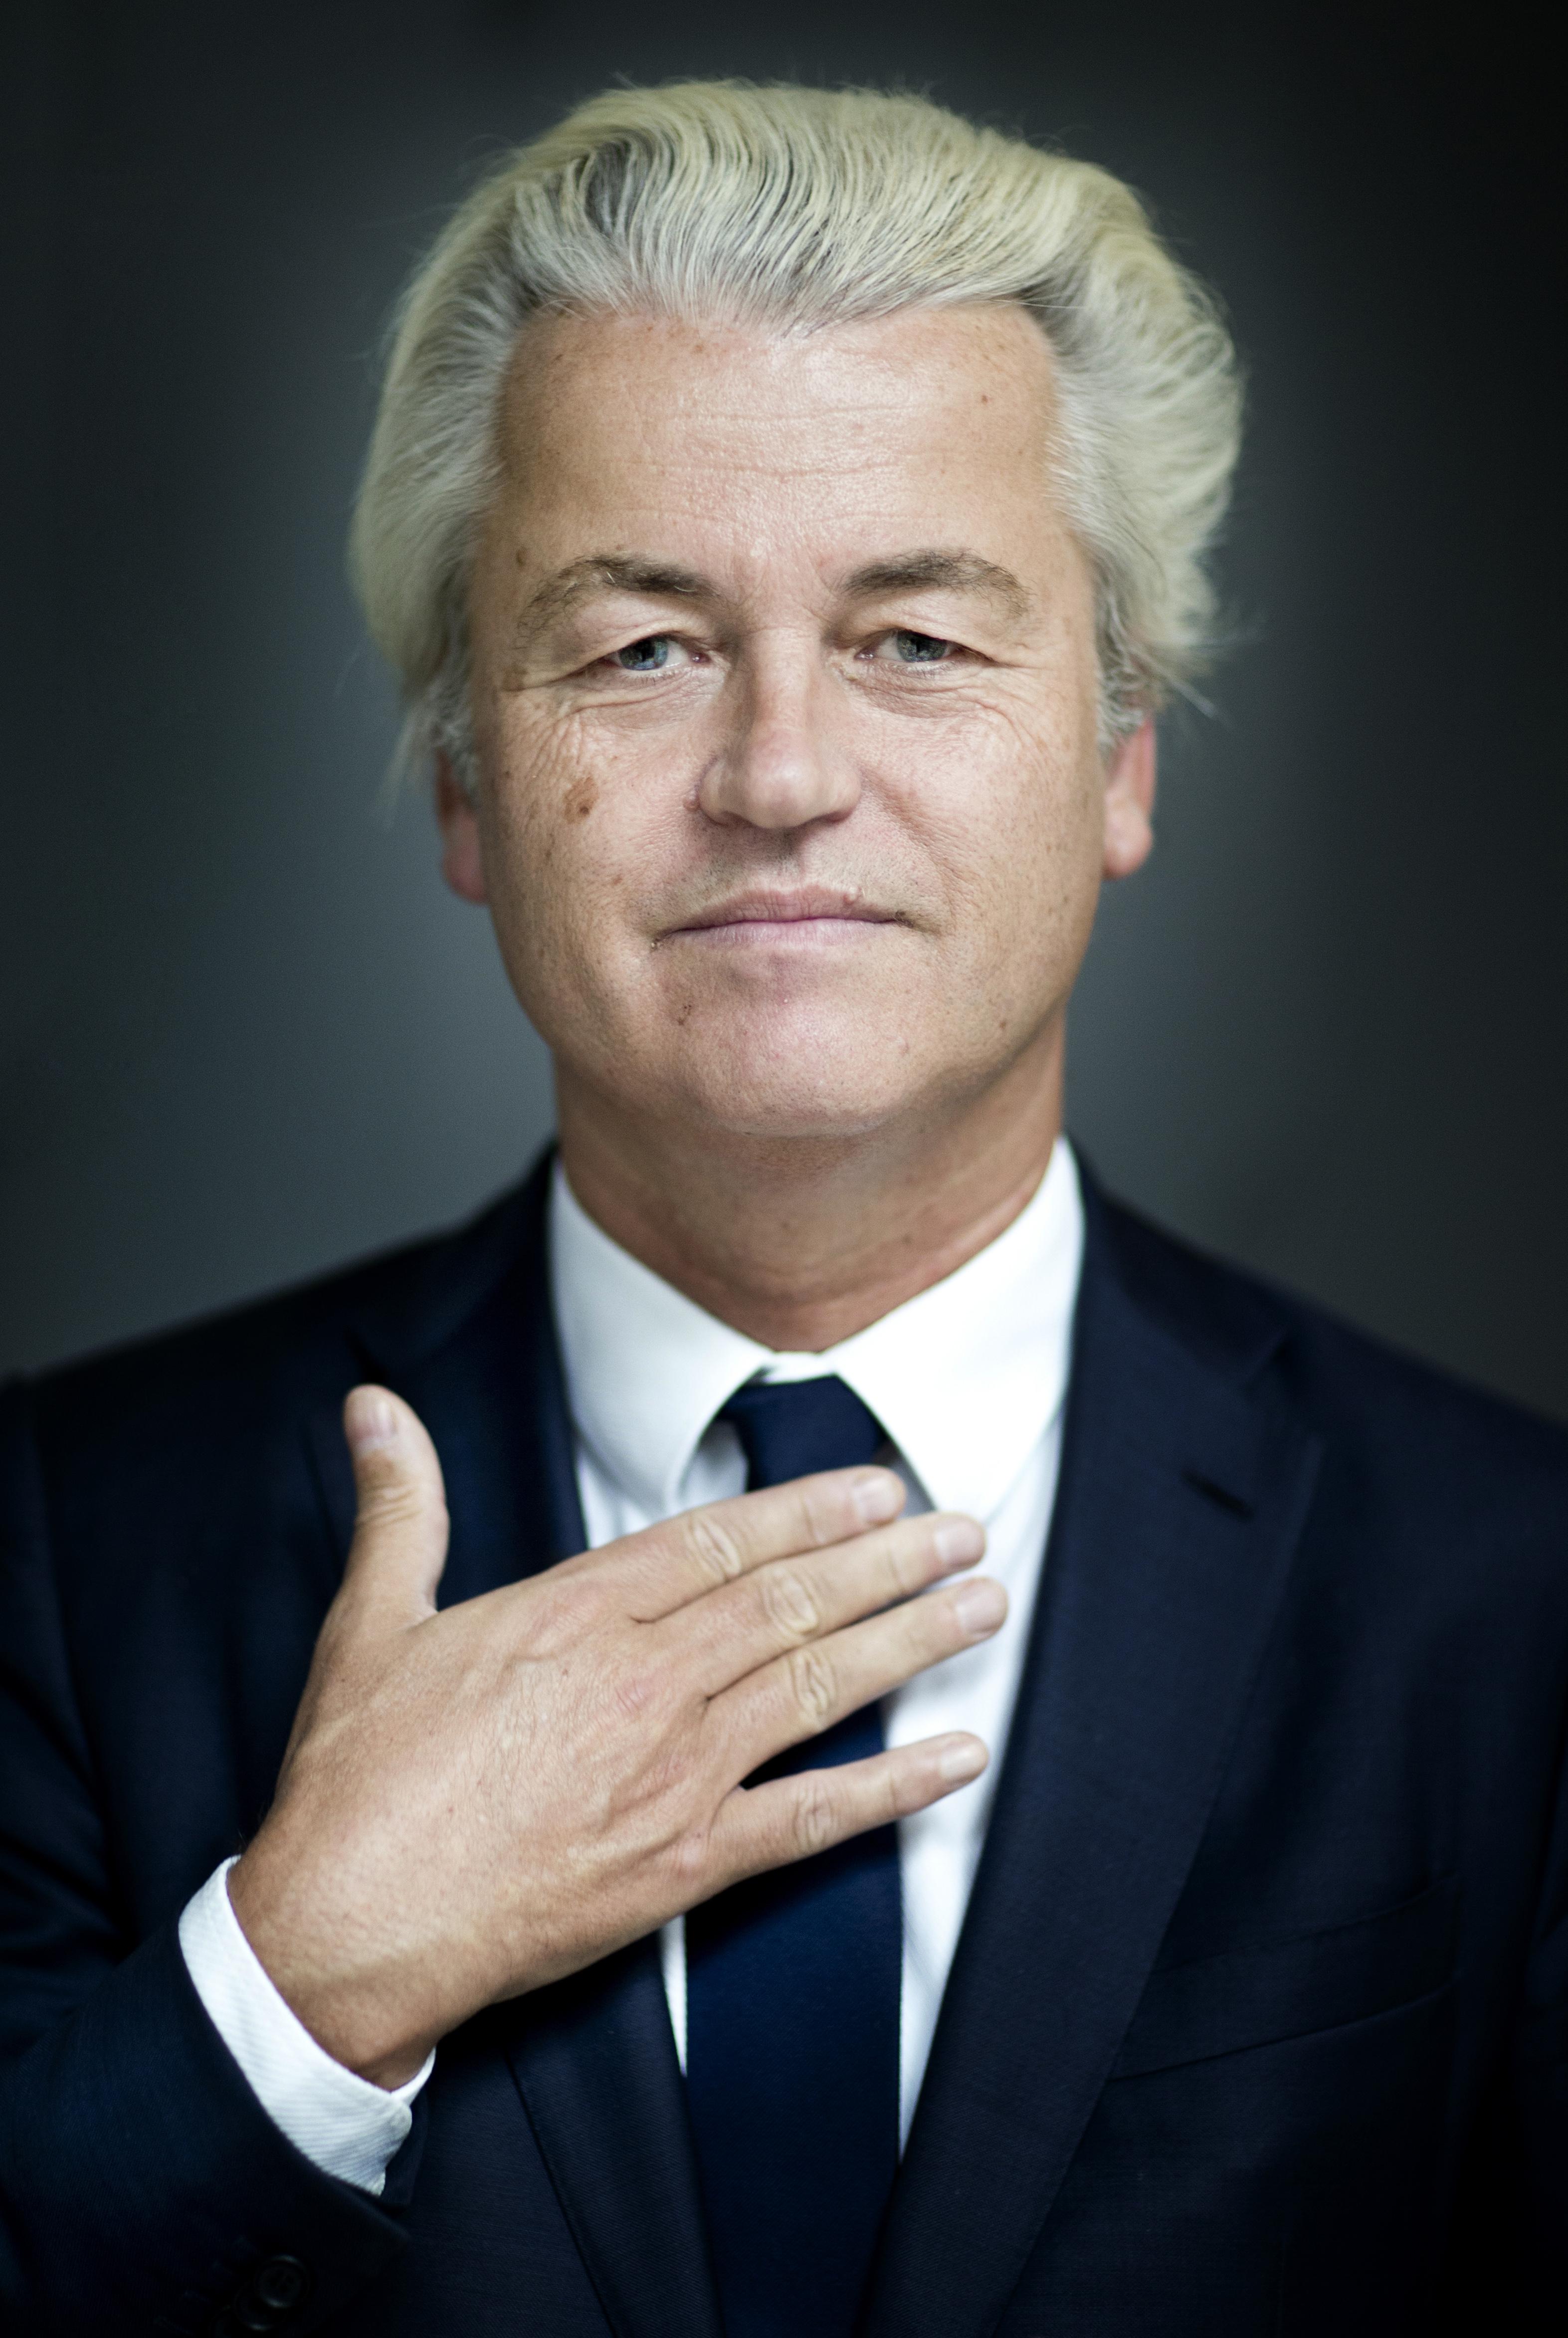 DEN HAAG - Portret Geert Wilders (PVV)